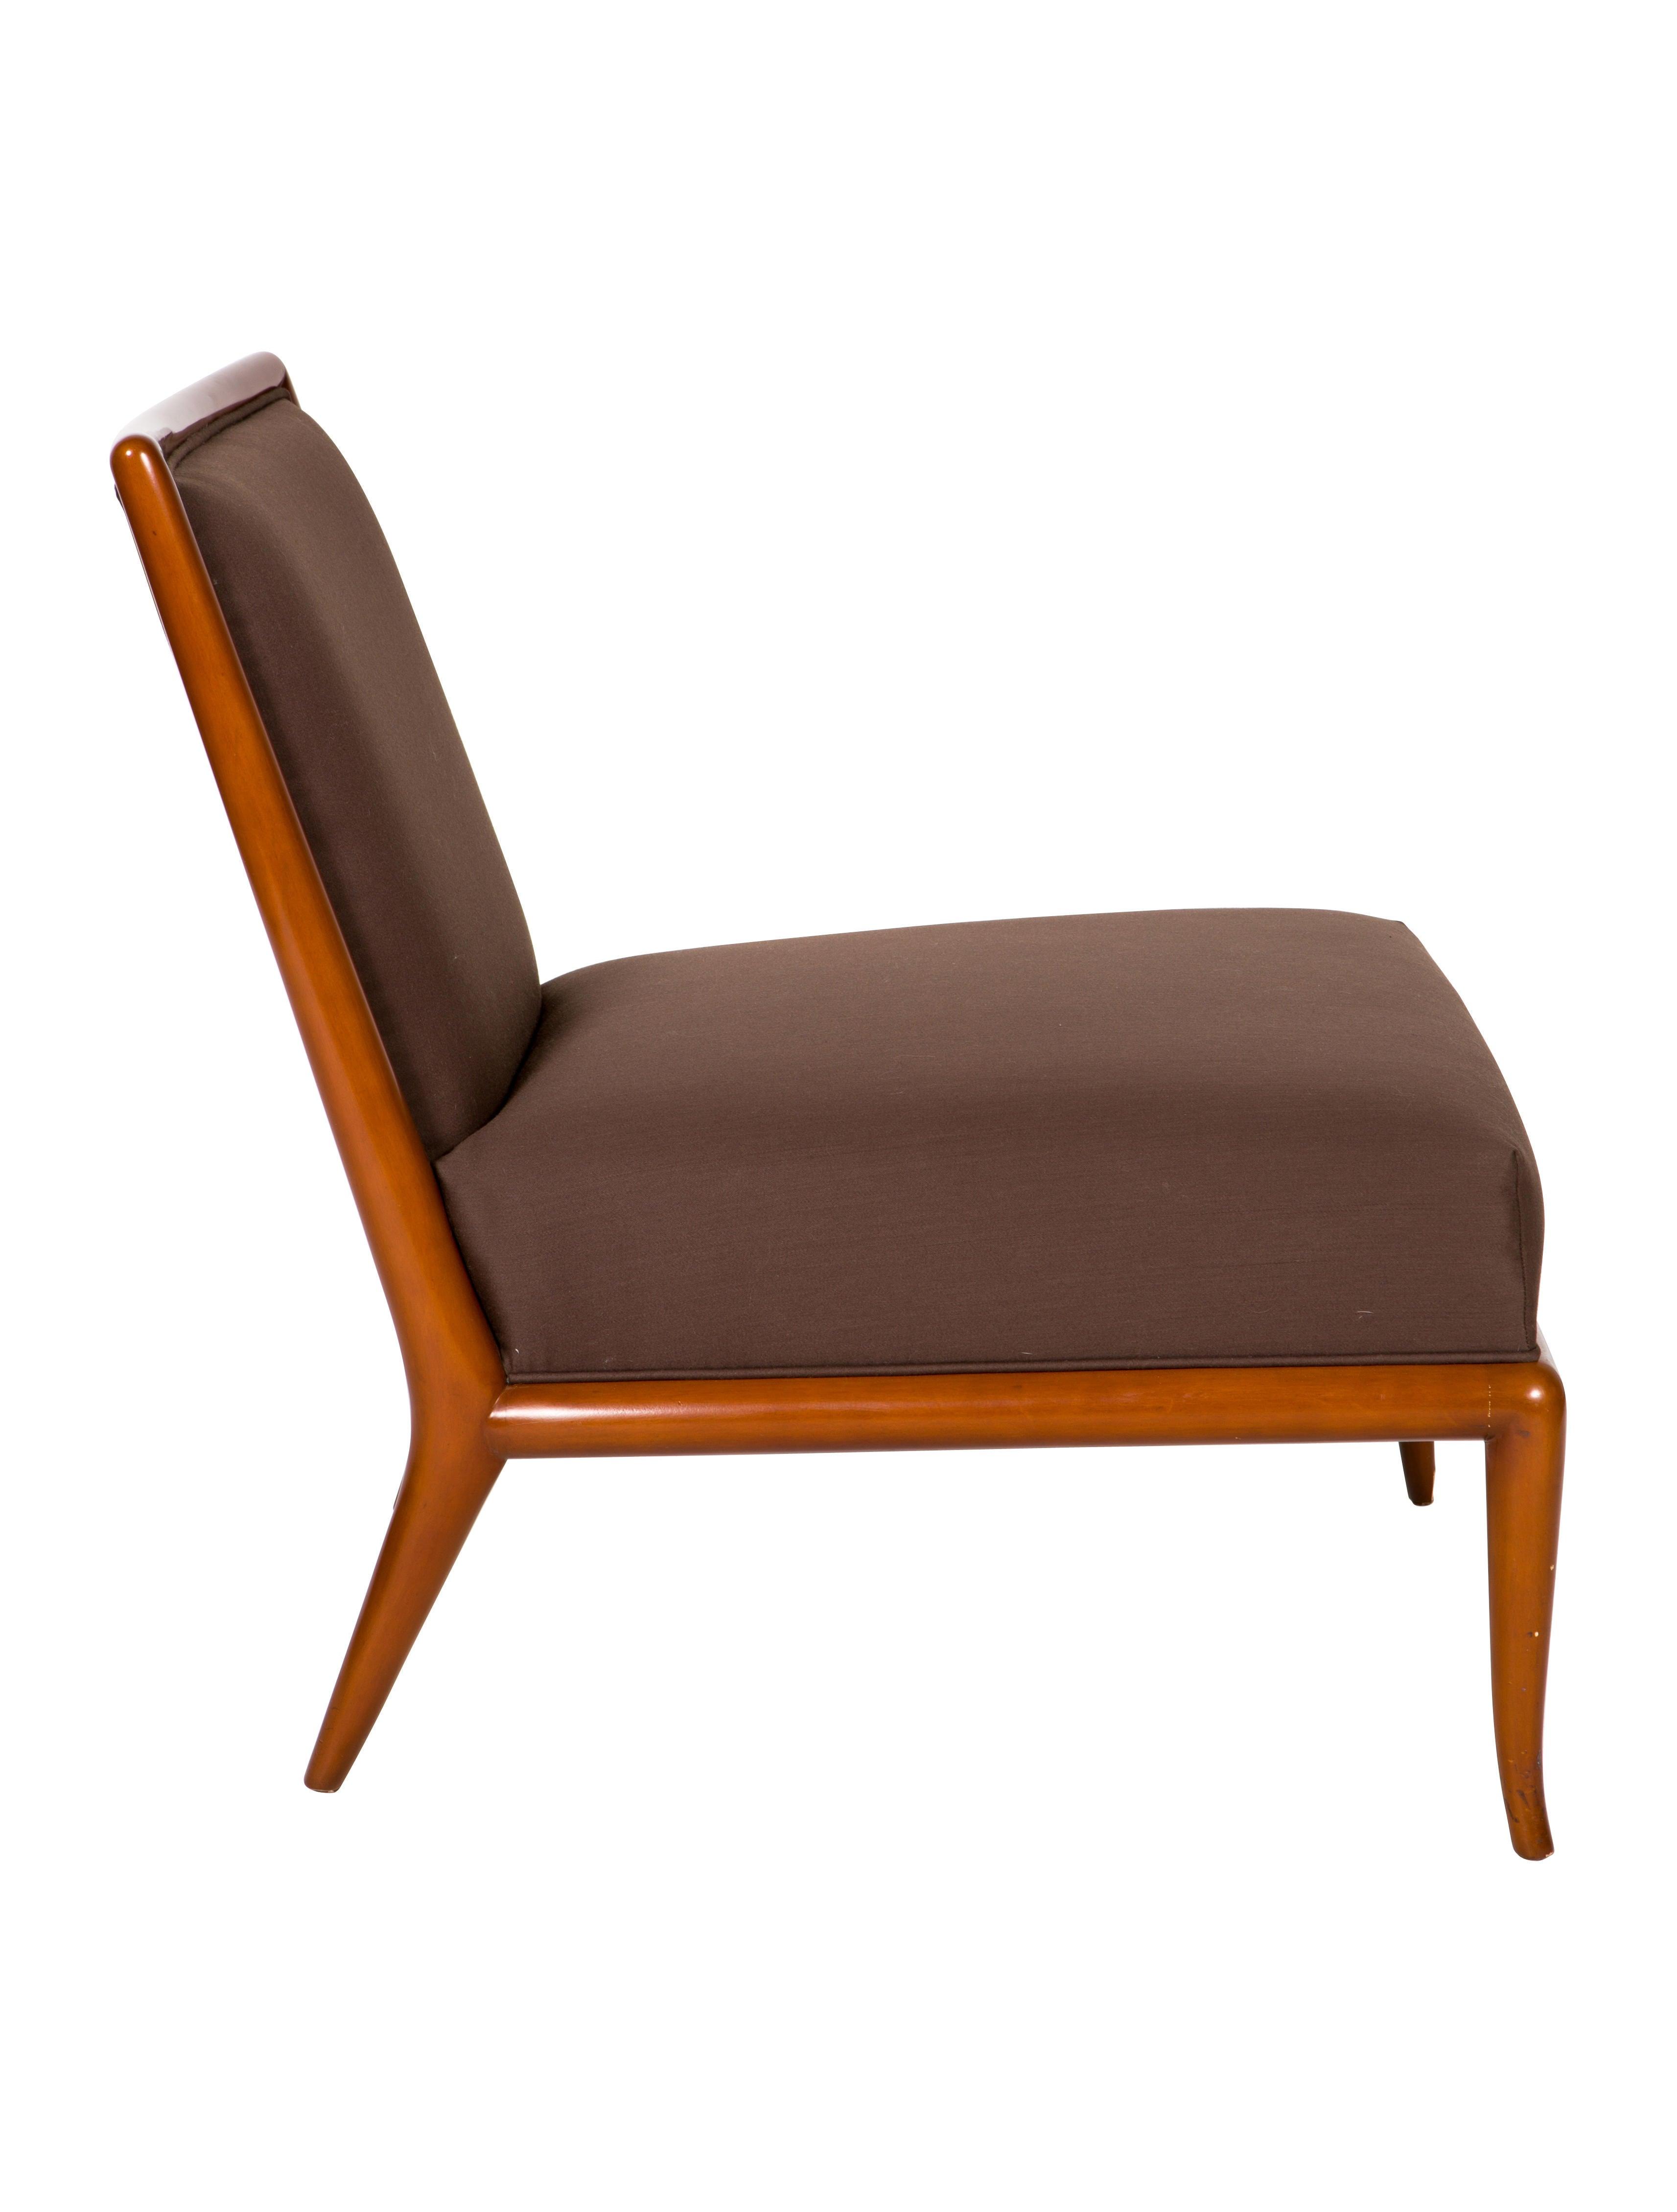 T.H. Robsjohn-Gibbings Slipper Chairs - Furniture ...